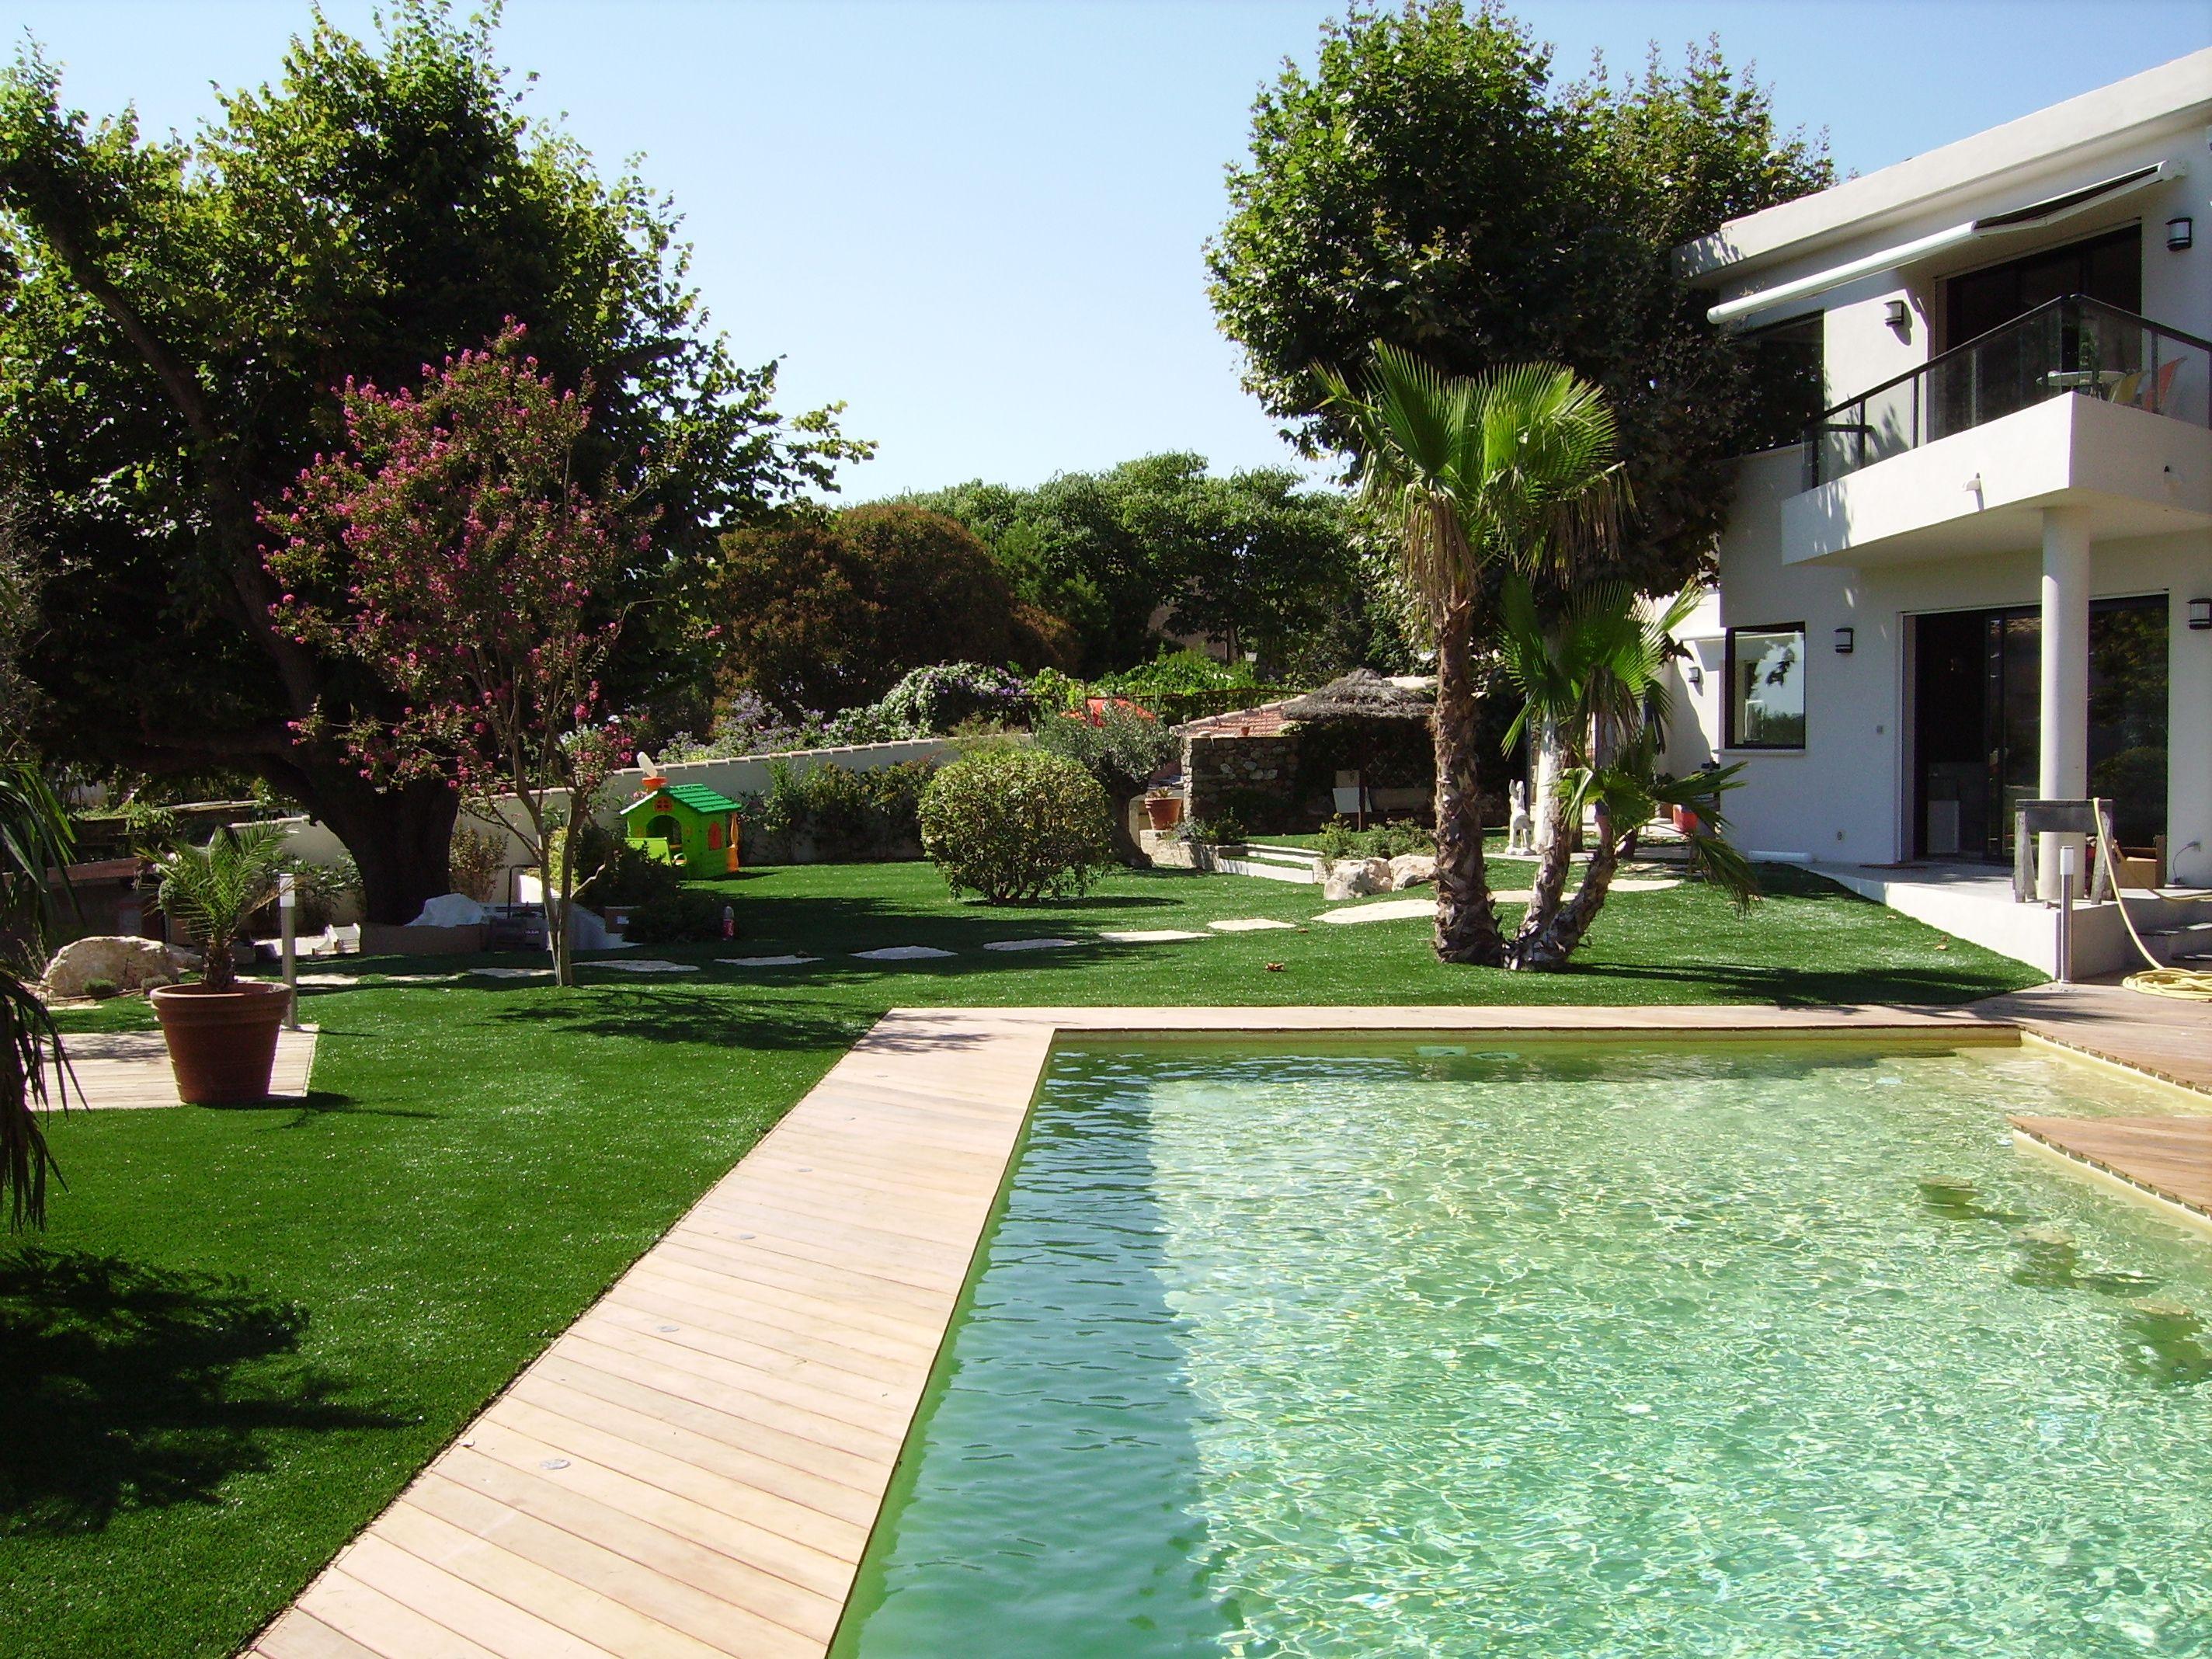 nouveau quelle piscine pour mon jardin piscine. Black Bedroom Furniture Sets. Home Design Ideas